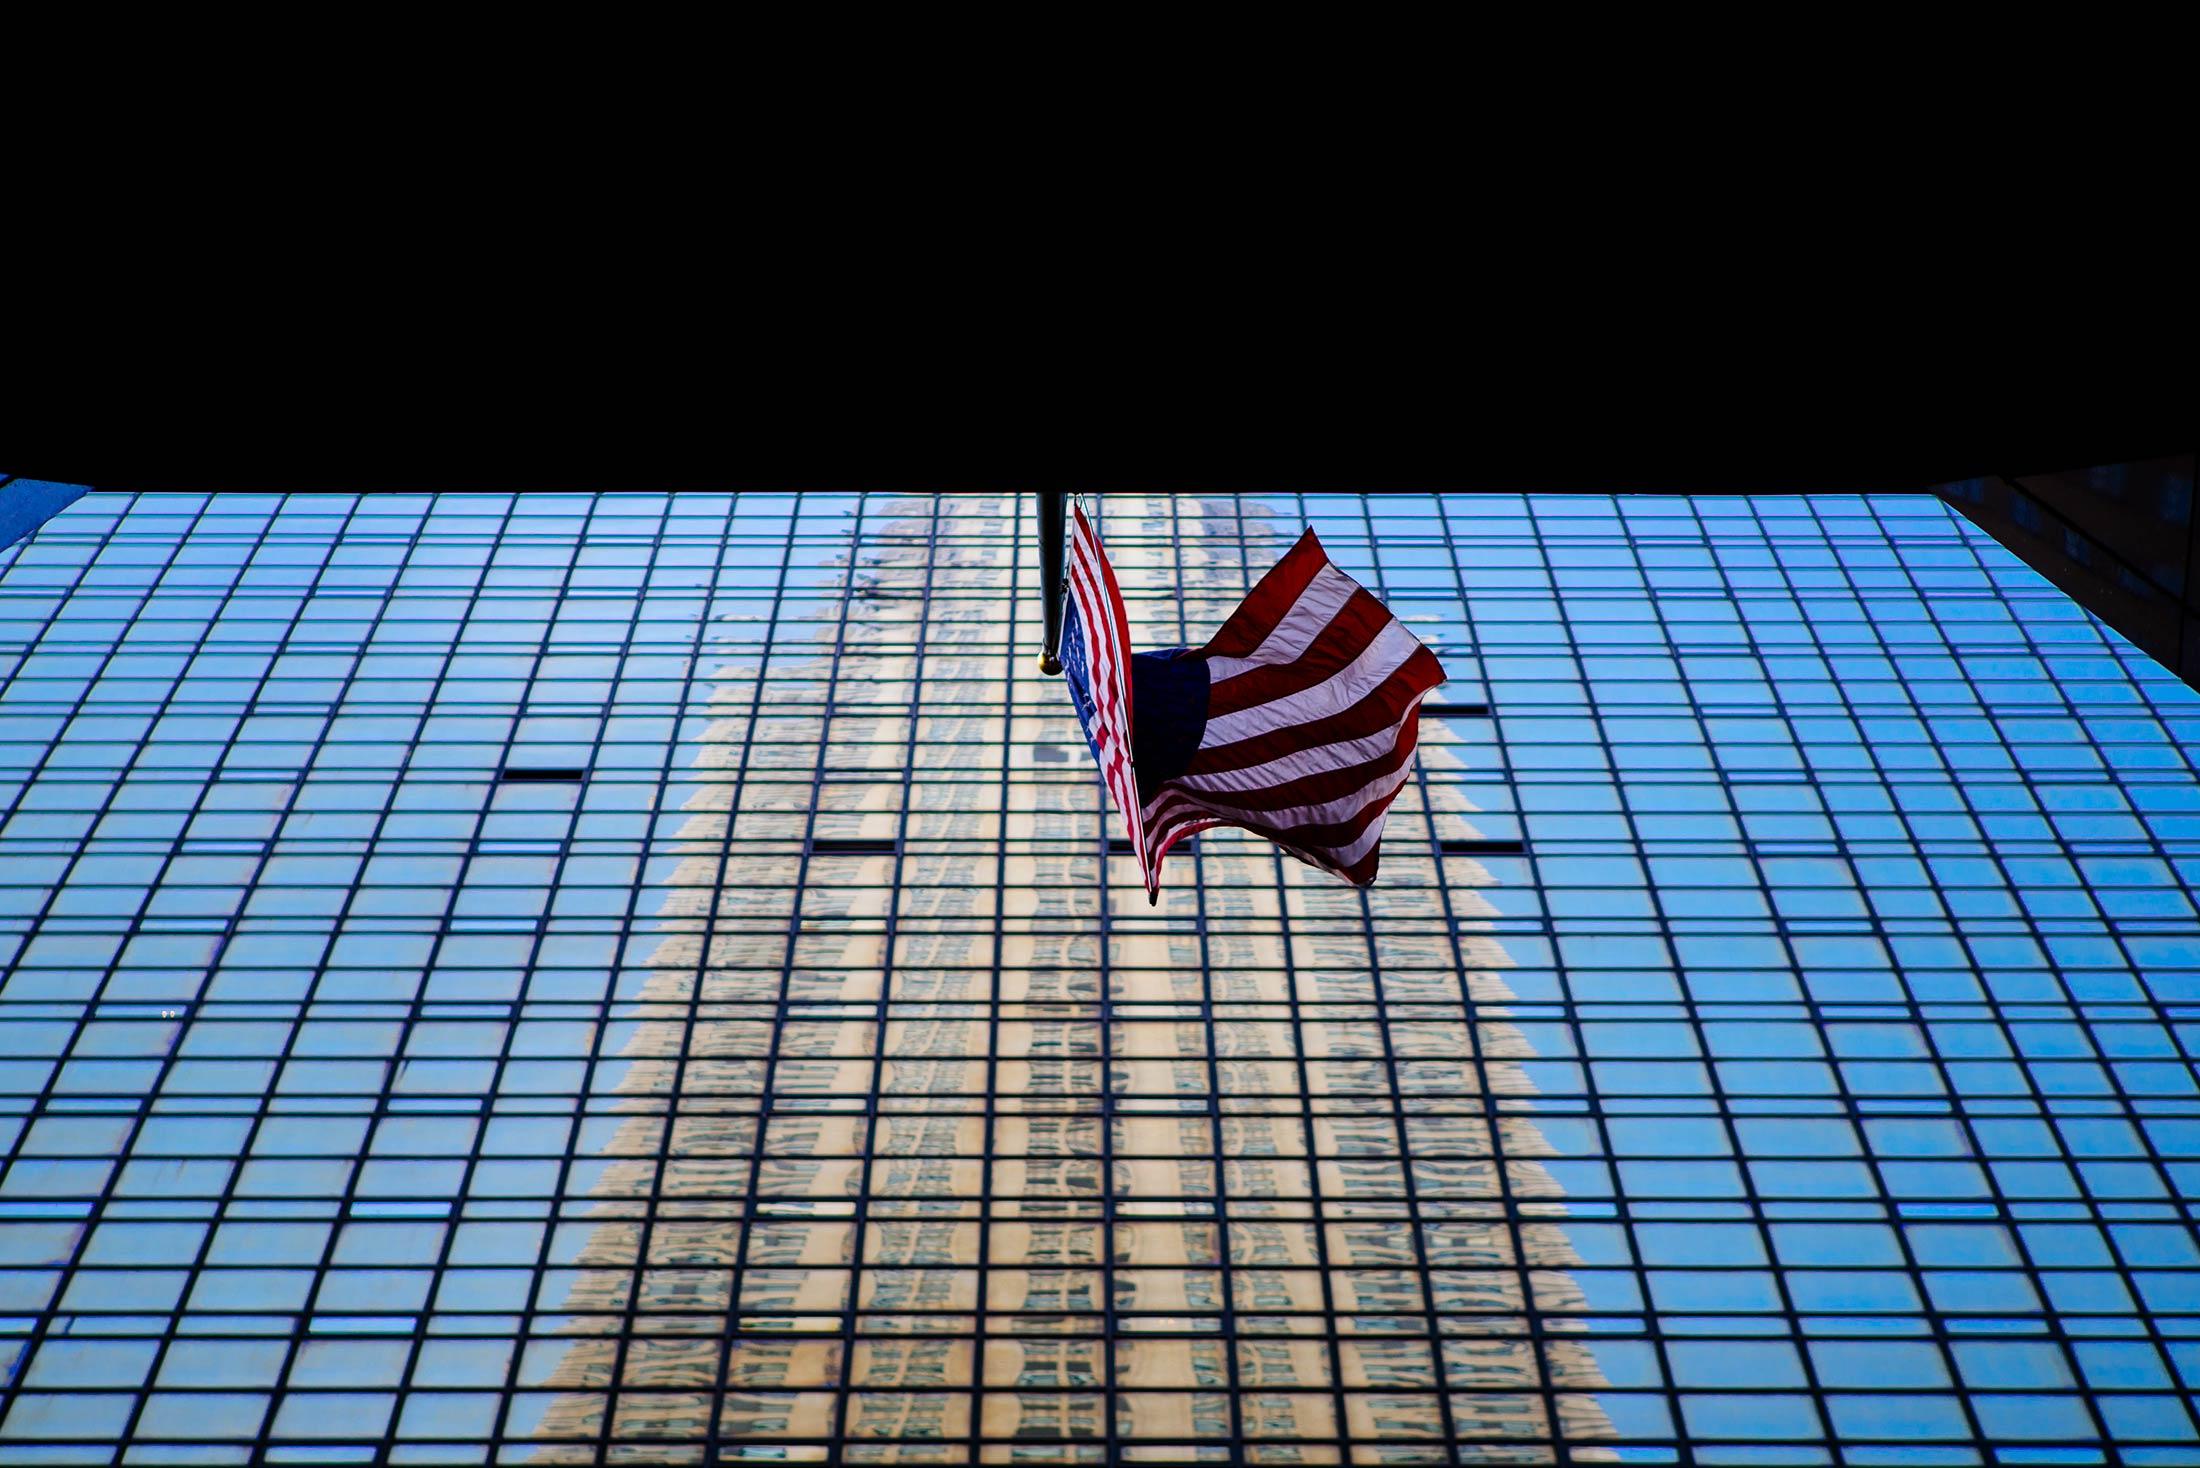 NYC_NewYorkCity_06-Mitja_Schneehage